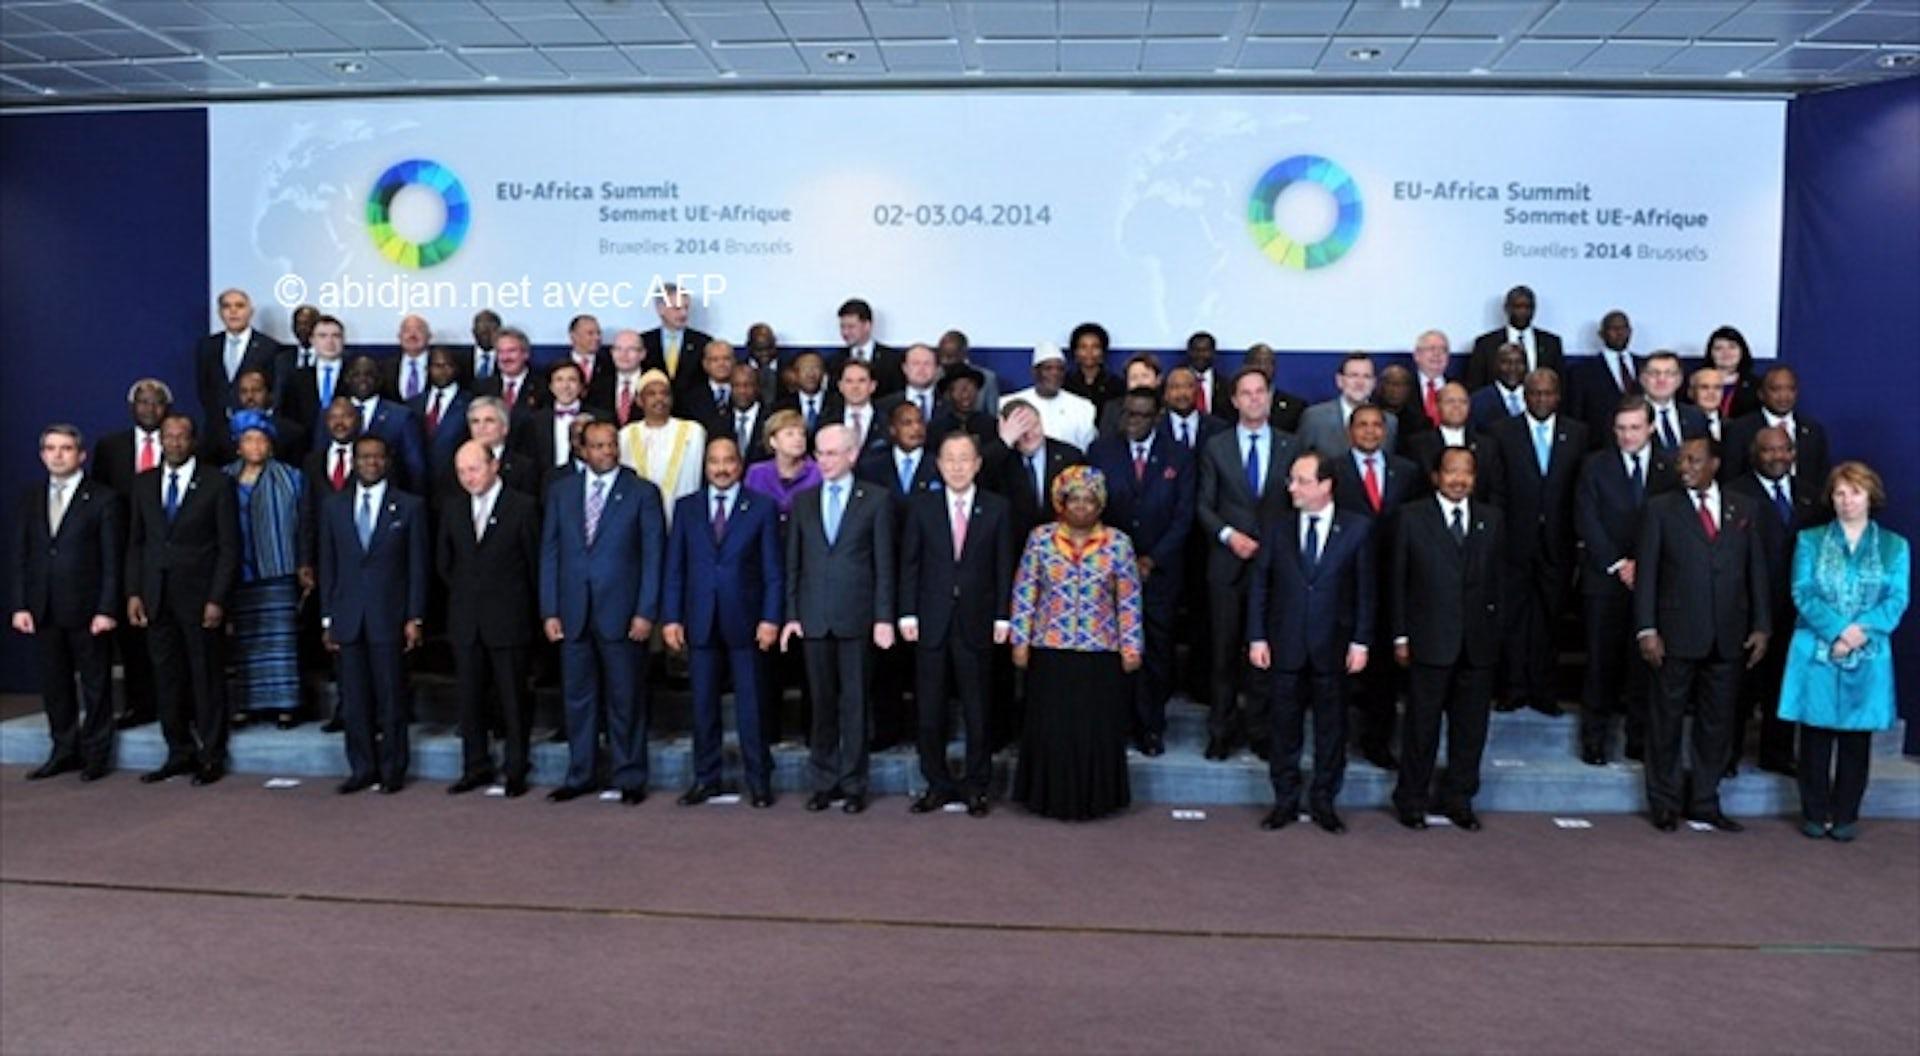 La Commission européenne se dote d'une nouvelle doctrine vis-à-vis de l'Afrique